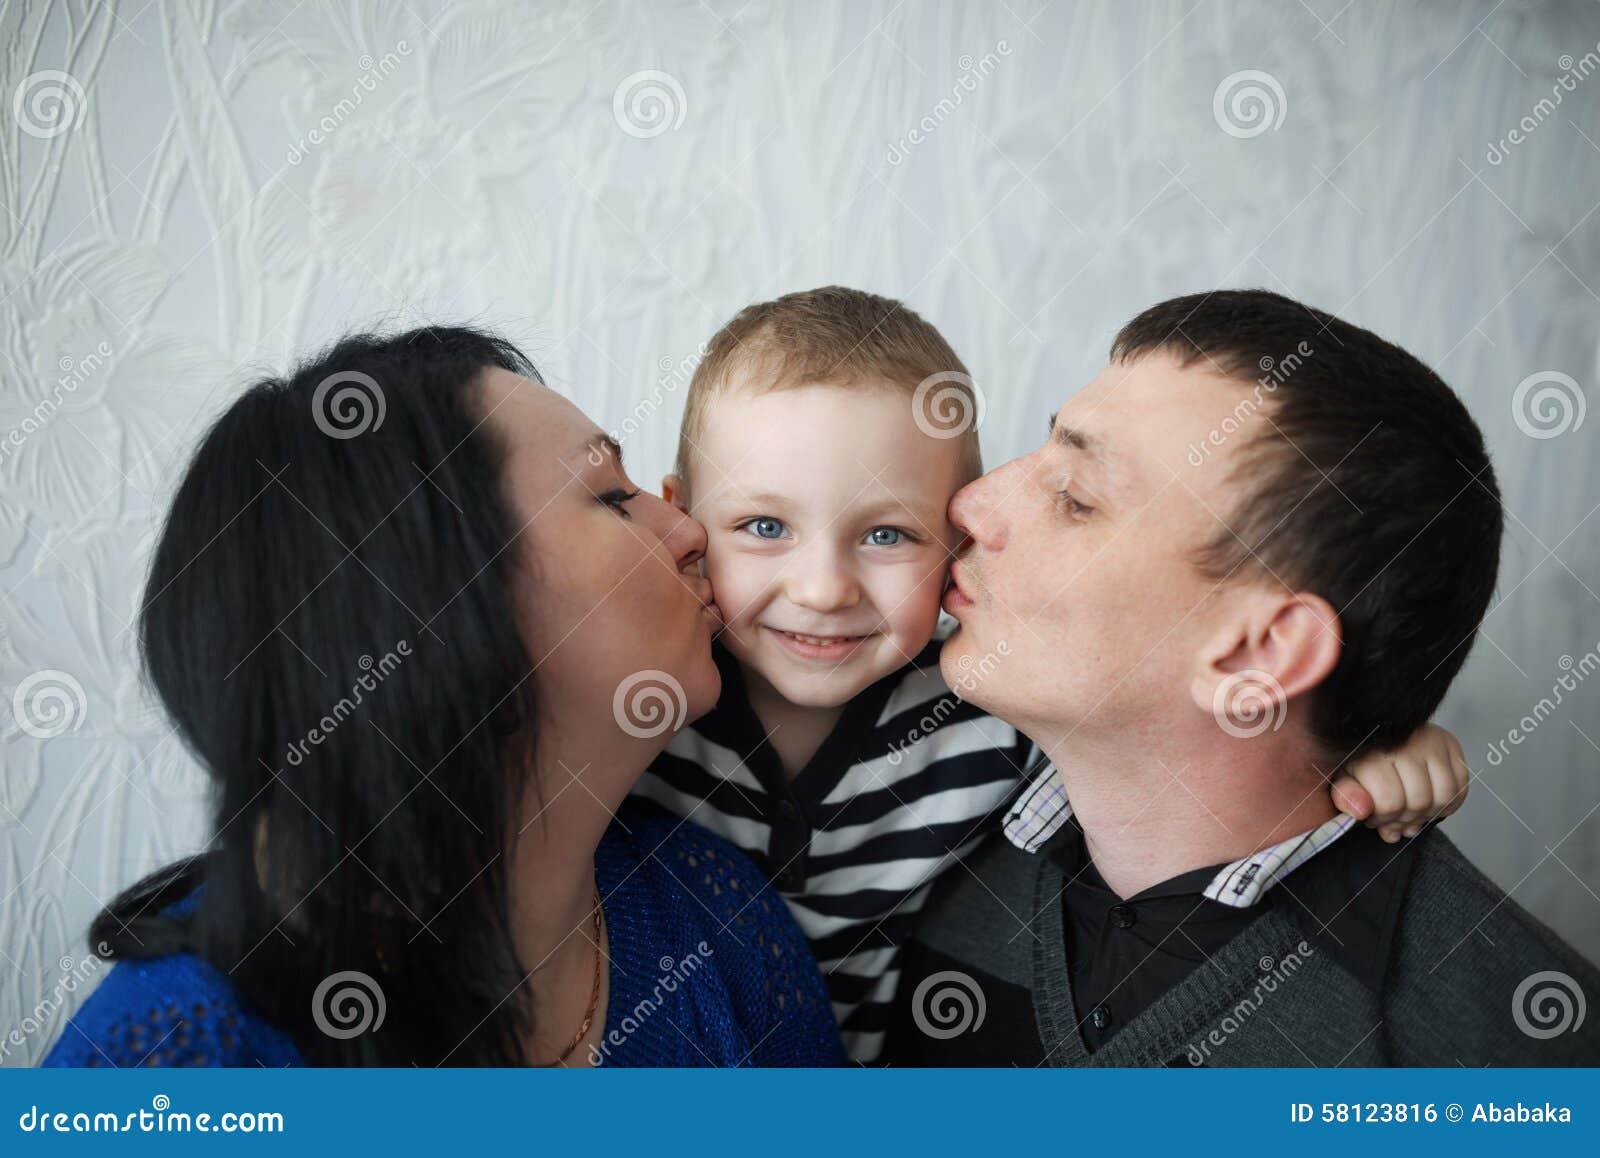 Сын чмокнул свою мать, Сын ебёт маму -видео. Смотреть сын ебёт маму 22 фотография